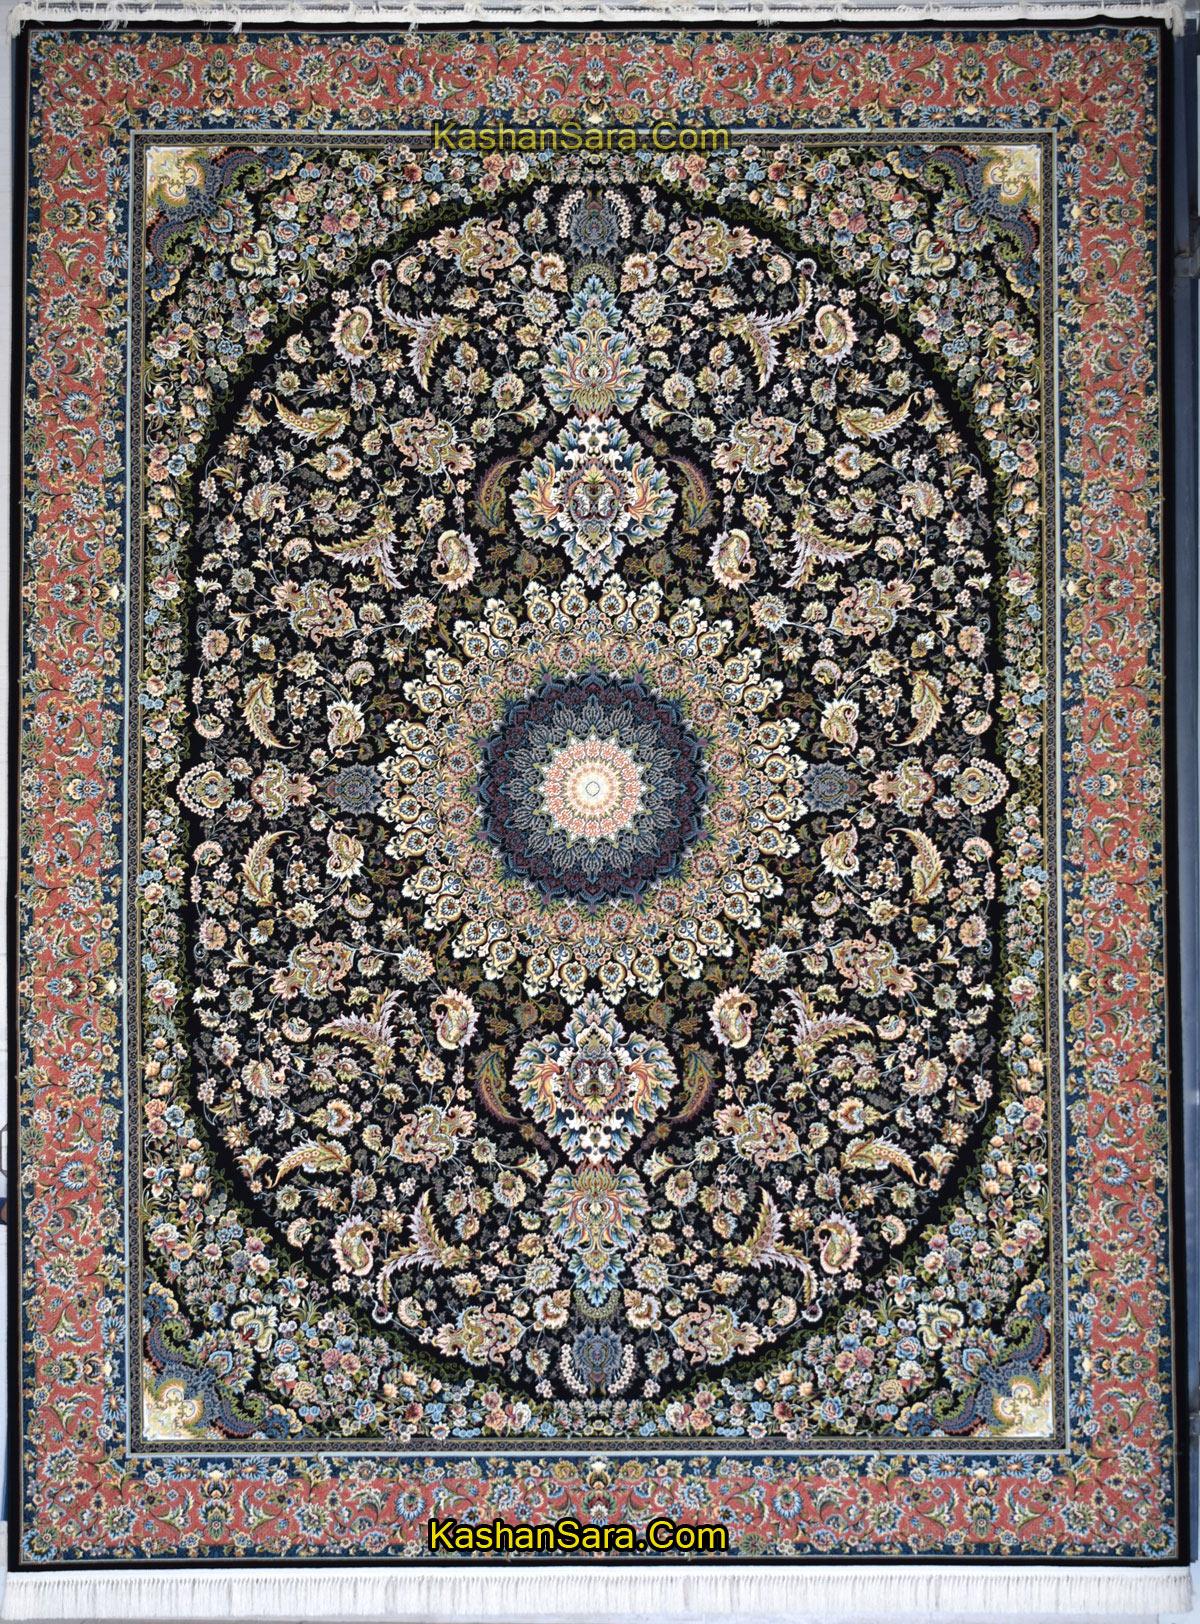 فرش طرح شاهرخ-۱۲۰۰ شانه تراکم ۳۶۰۰